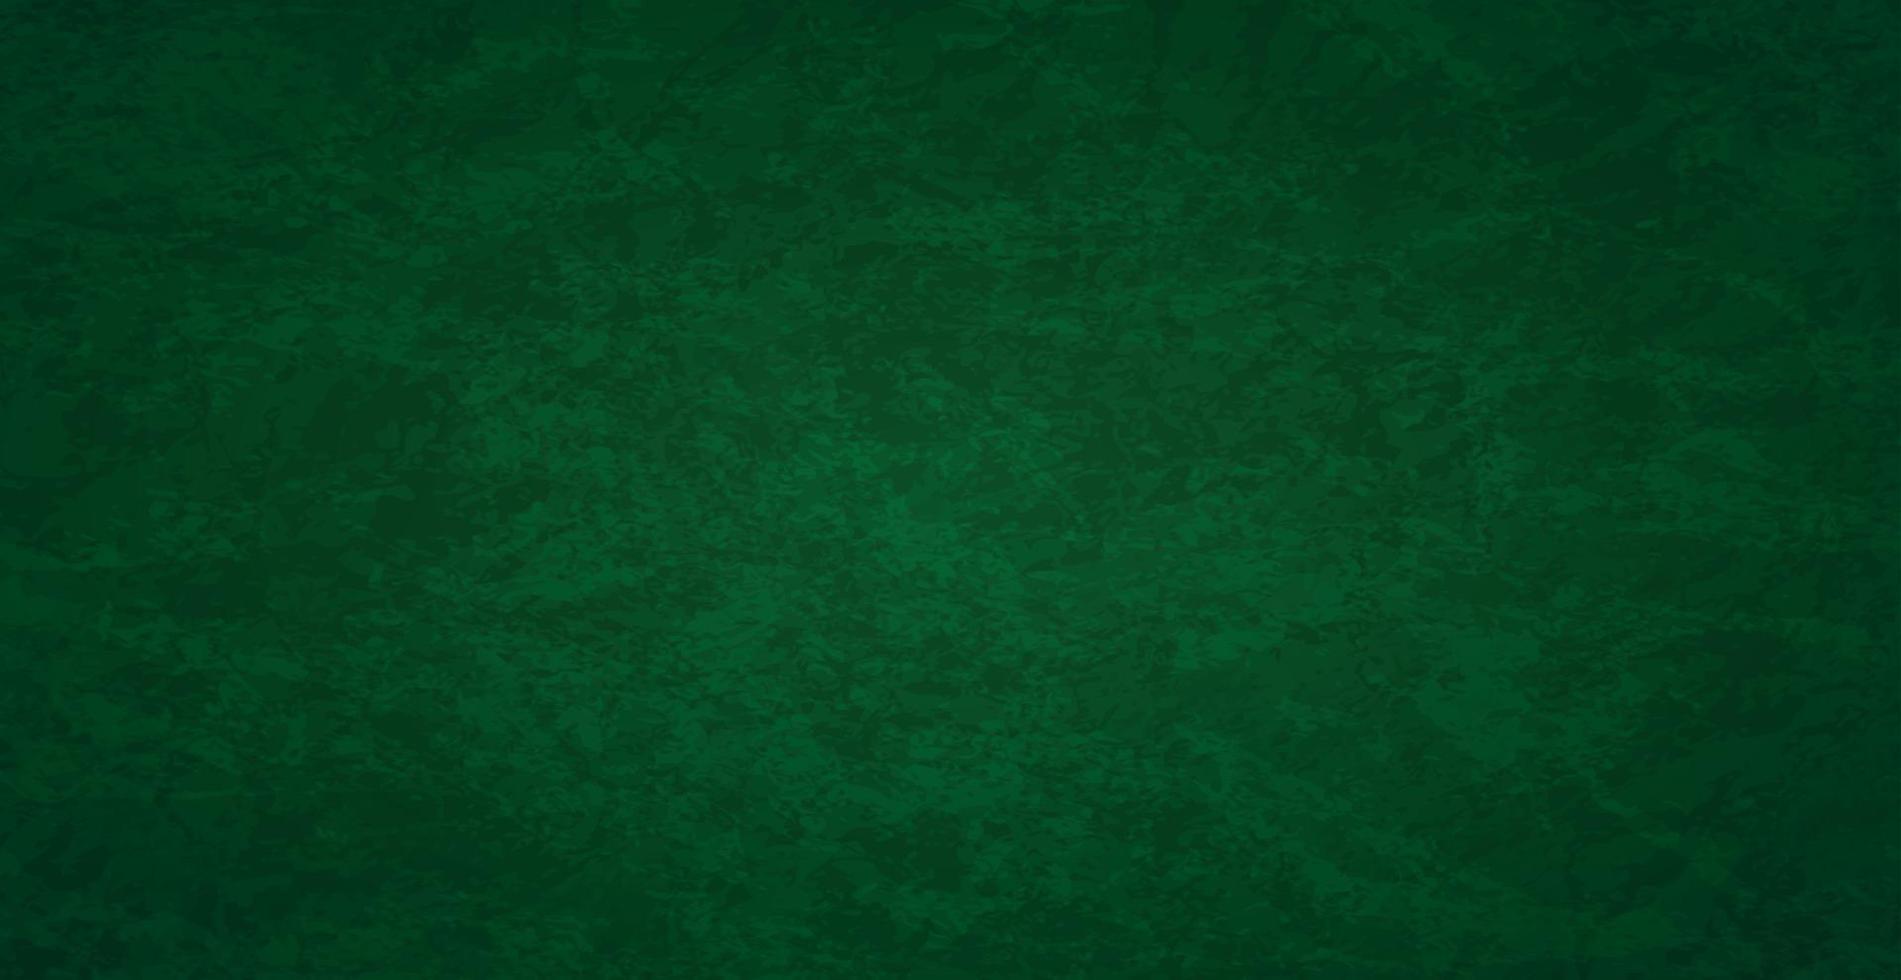 grön abstrakt texturerad grungewebbakgrund - vektor